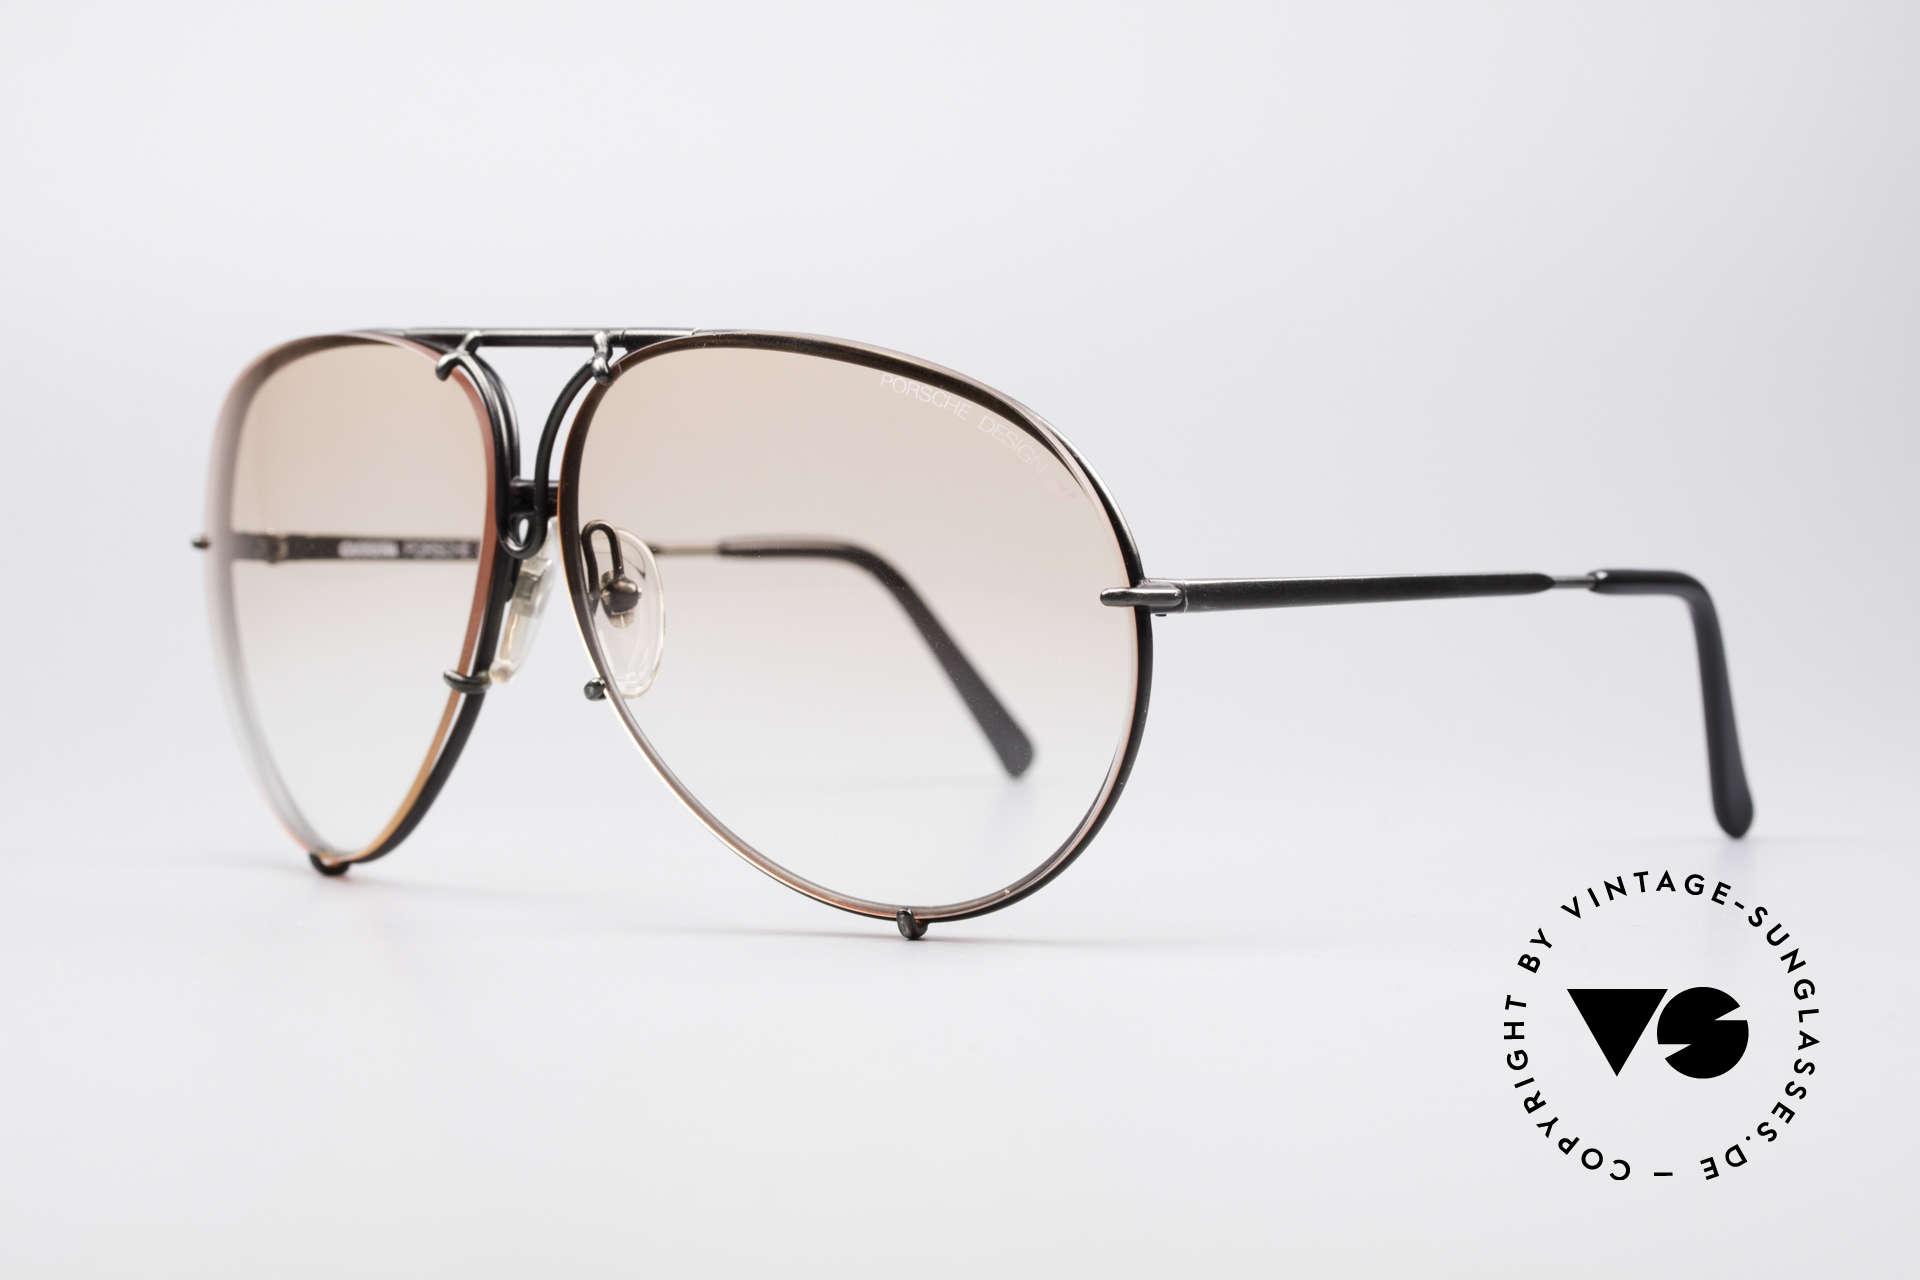 Porsche 5621 Seltene 80er XL Pilotenbrille, die 80er Legende mit den auswechselbaren Gläsern, Passend für Herren